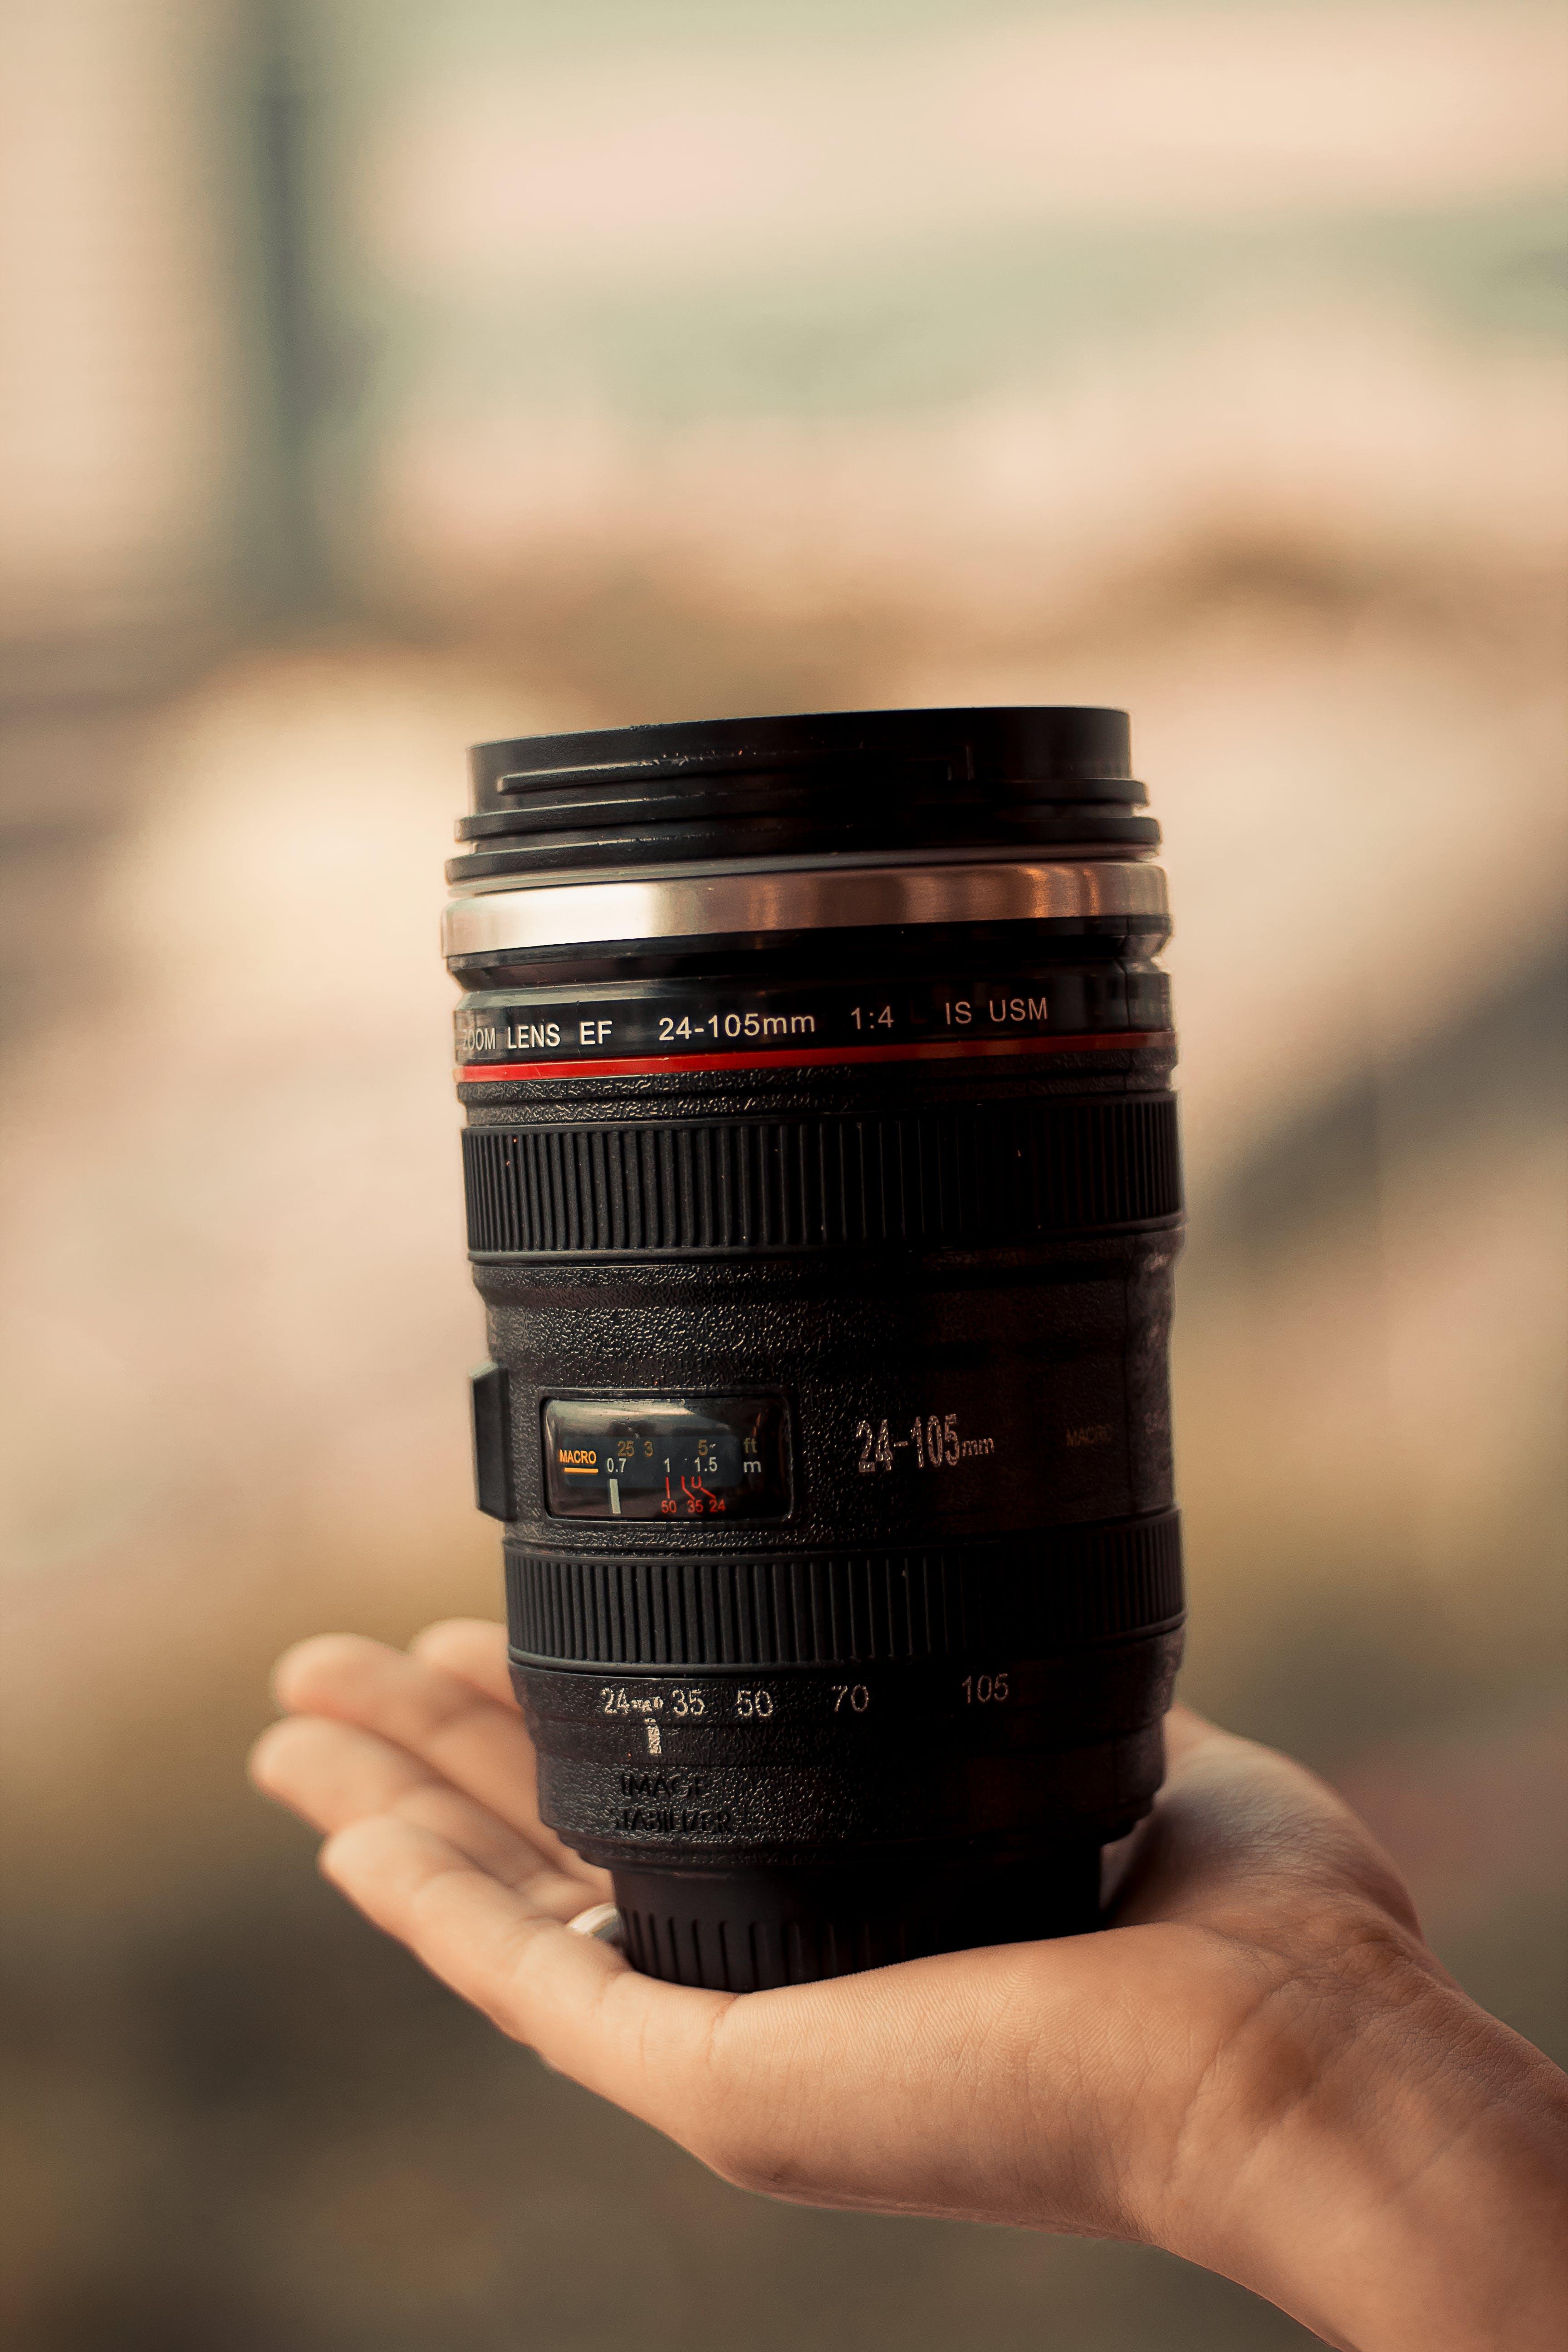 Kostenloses Stock Foto zu ausrüstung, fokus, hand, kameraausrüstung